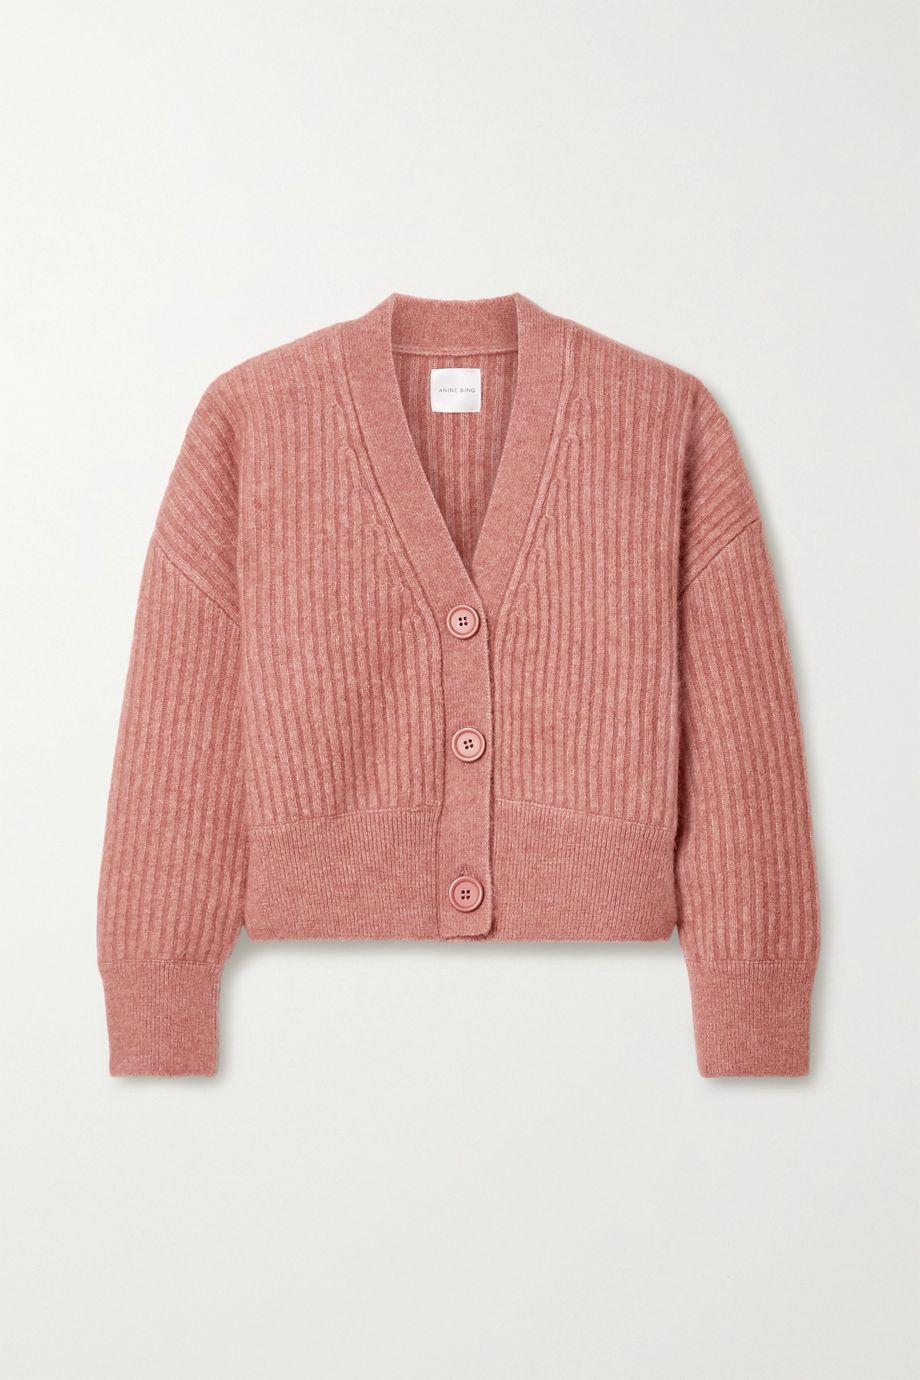 Anine Bing Maxwell 罗纹针织开襟衫